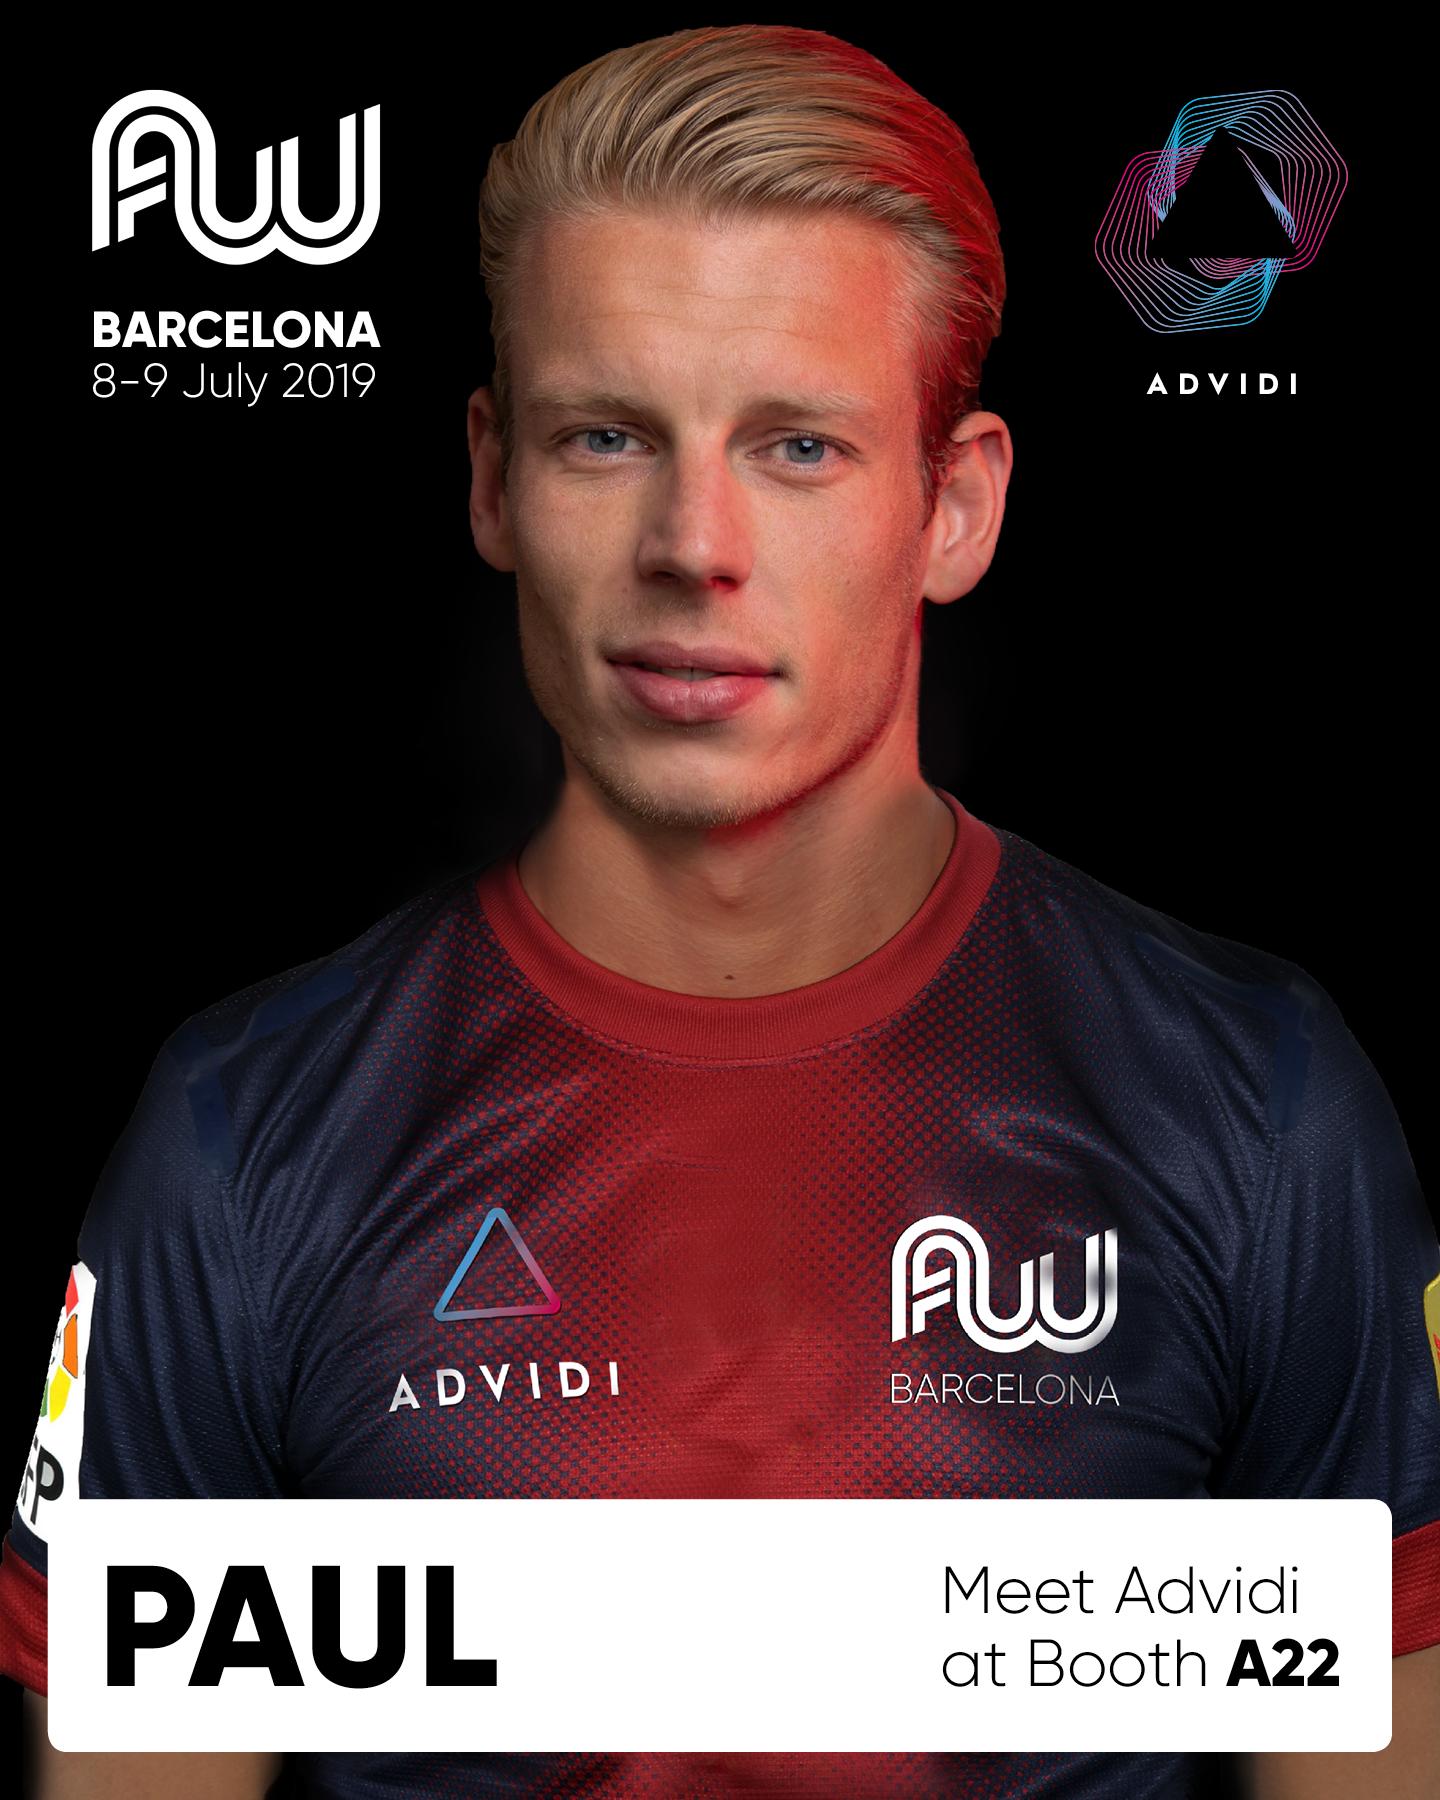 Paul Advidi